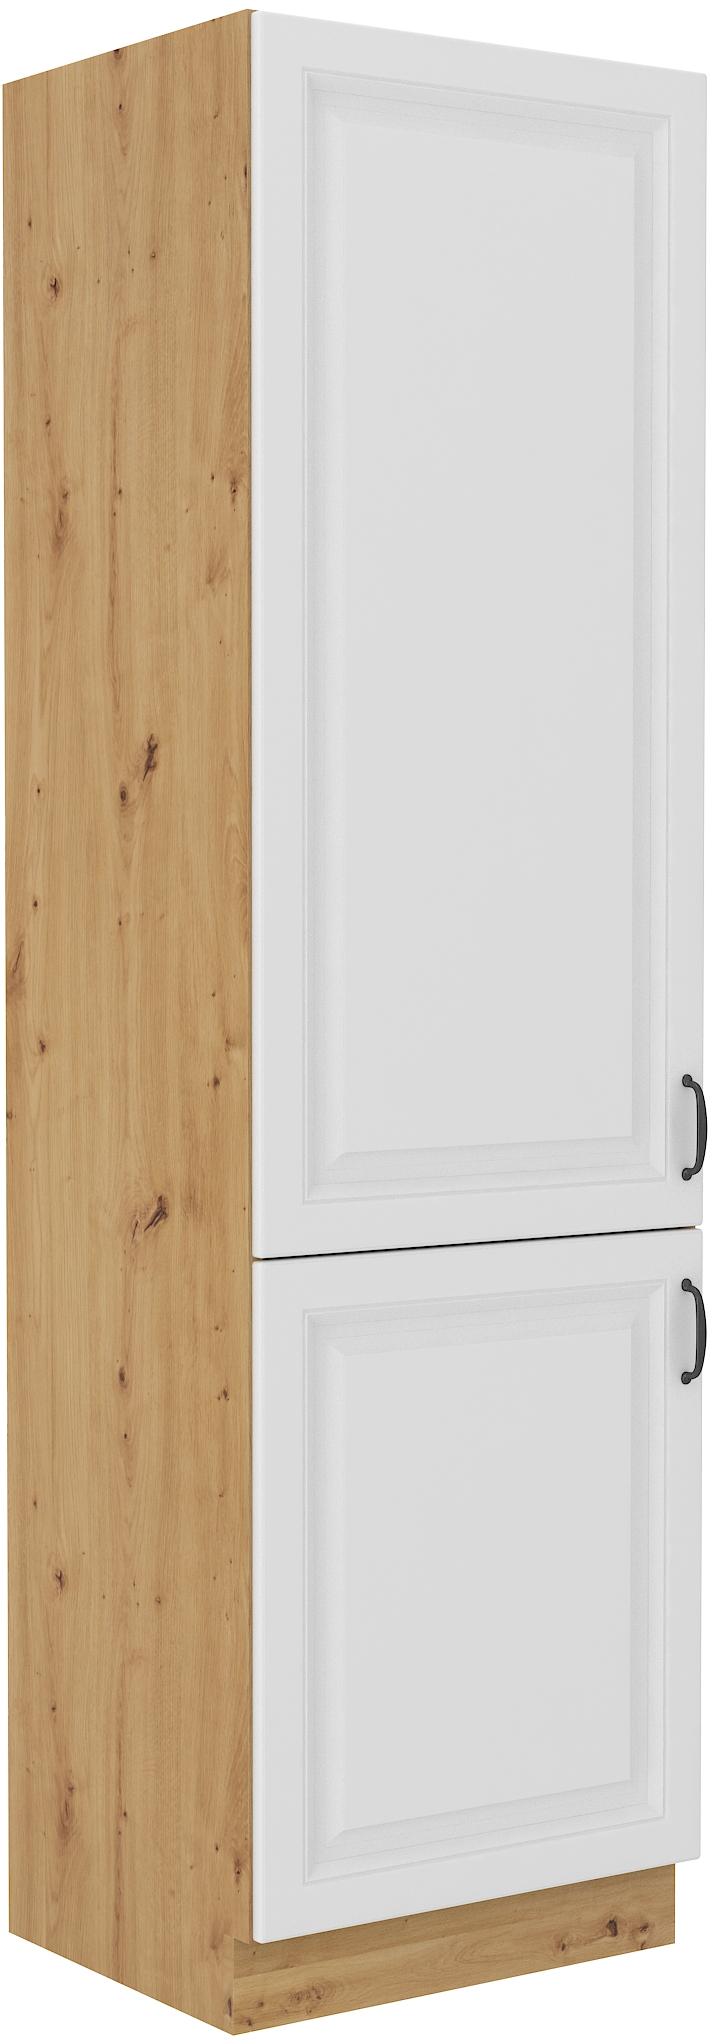 Επιδαπέδιο ντουλάπι ψυγείου Yvette